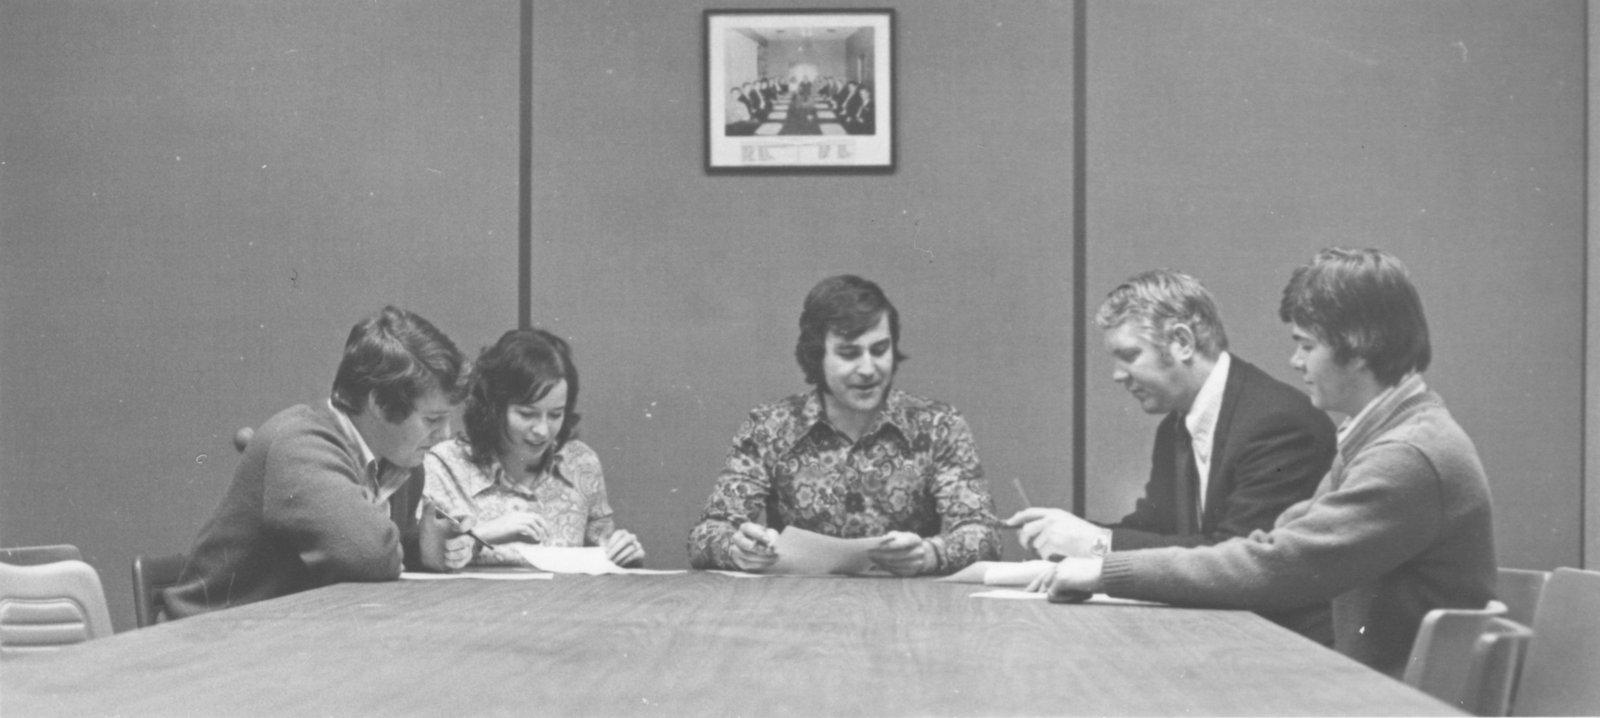 Dean's Advisory Council meeting